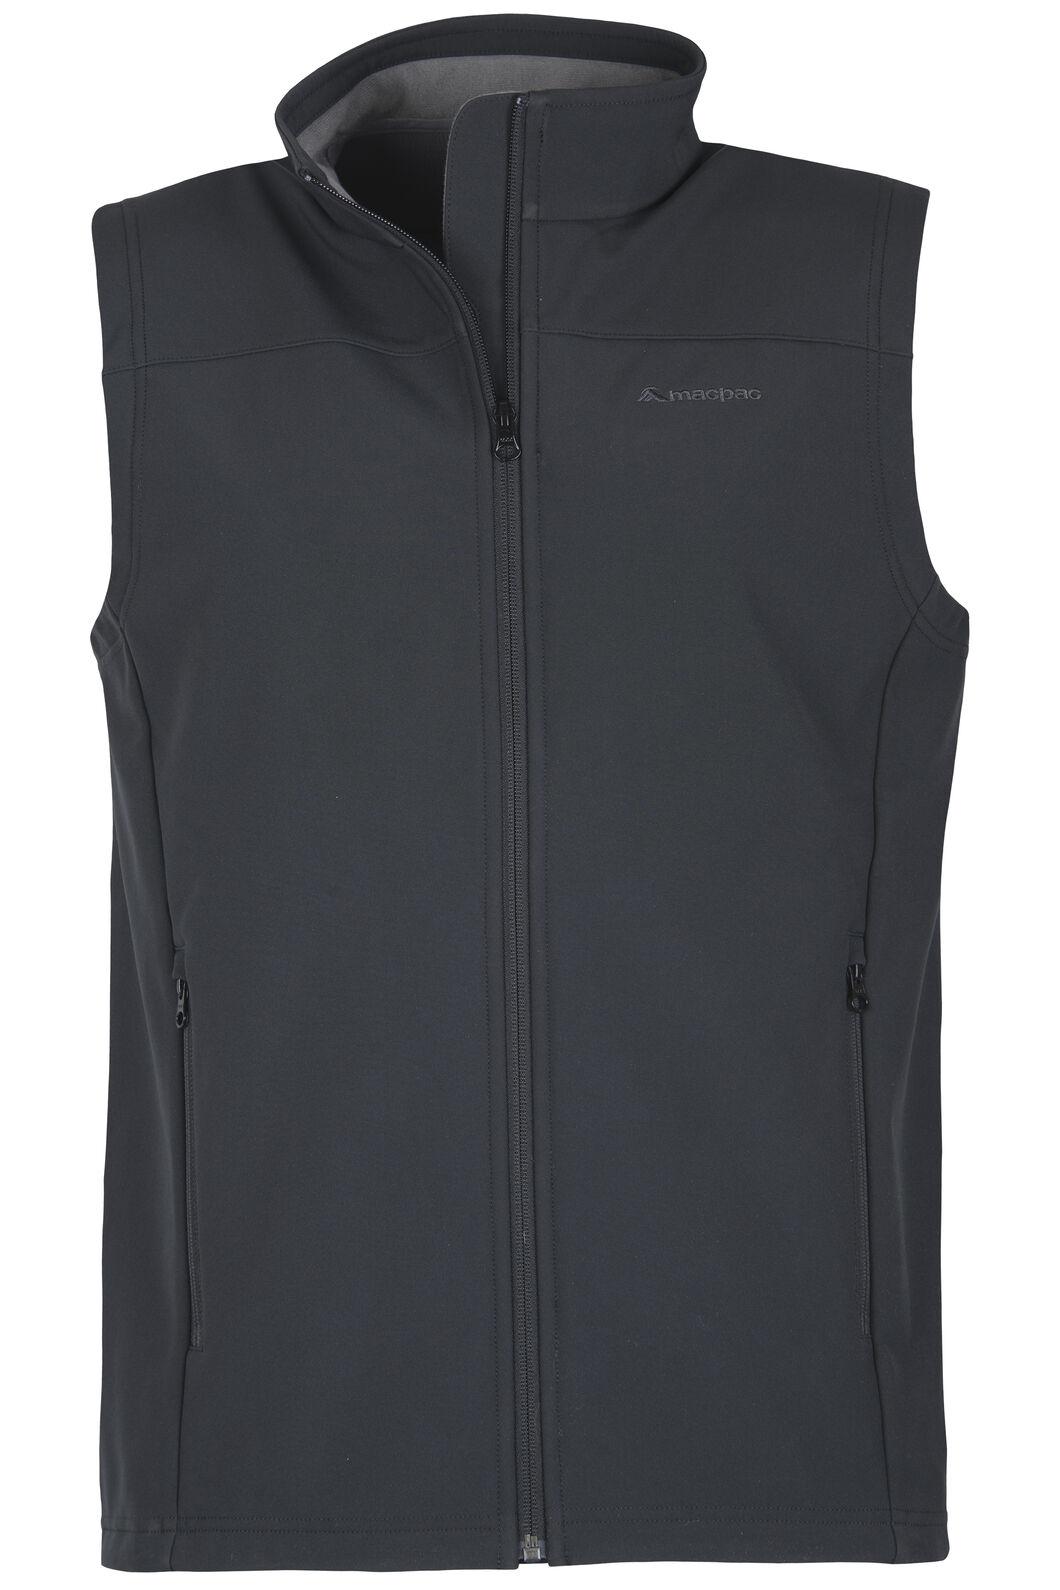 Sabre Softshell Vest - Men's, Black, hi-res